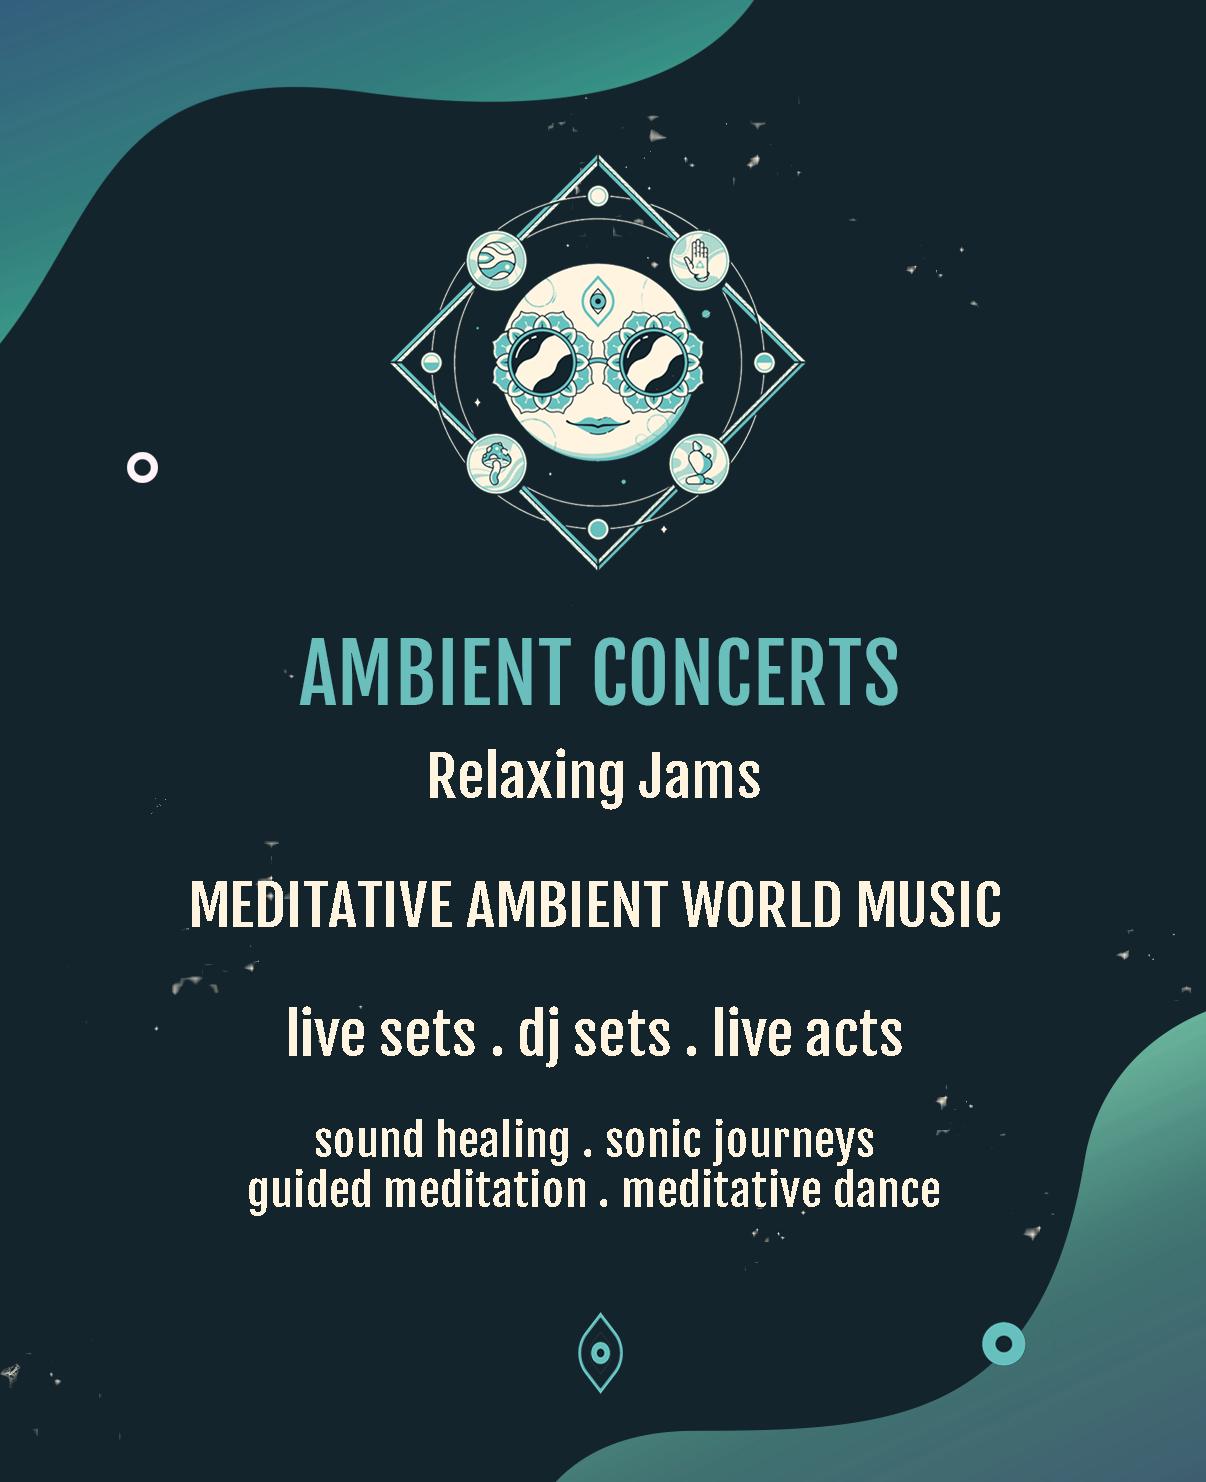 moon_etiqueta galeria:ambient concerts